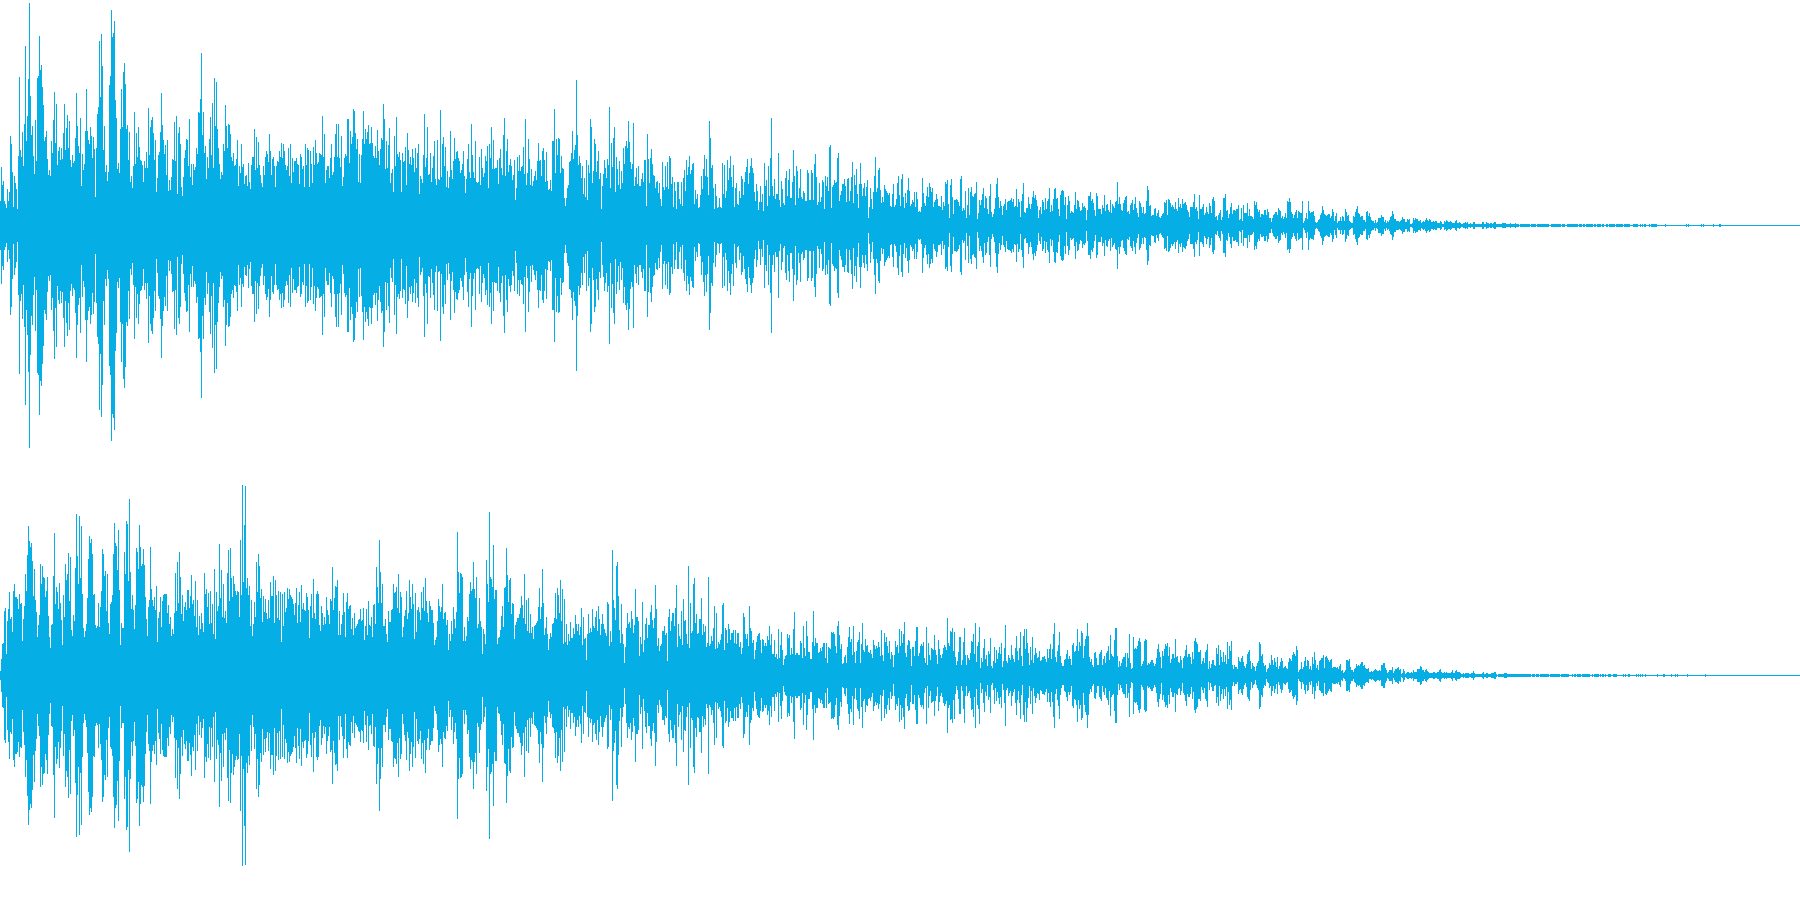 InvaderBuzz 発砲音 10の再生済みの波形